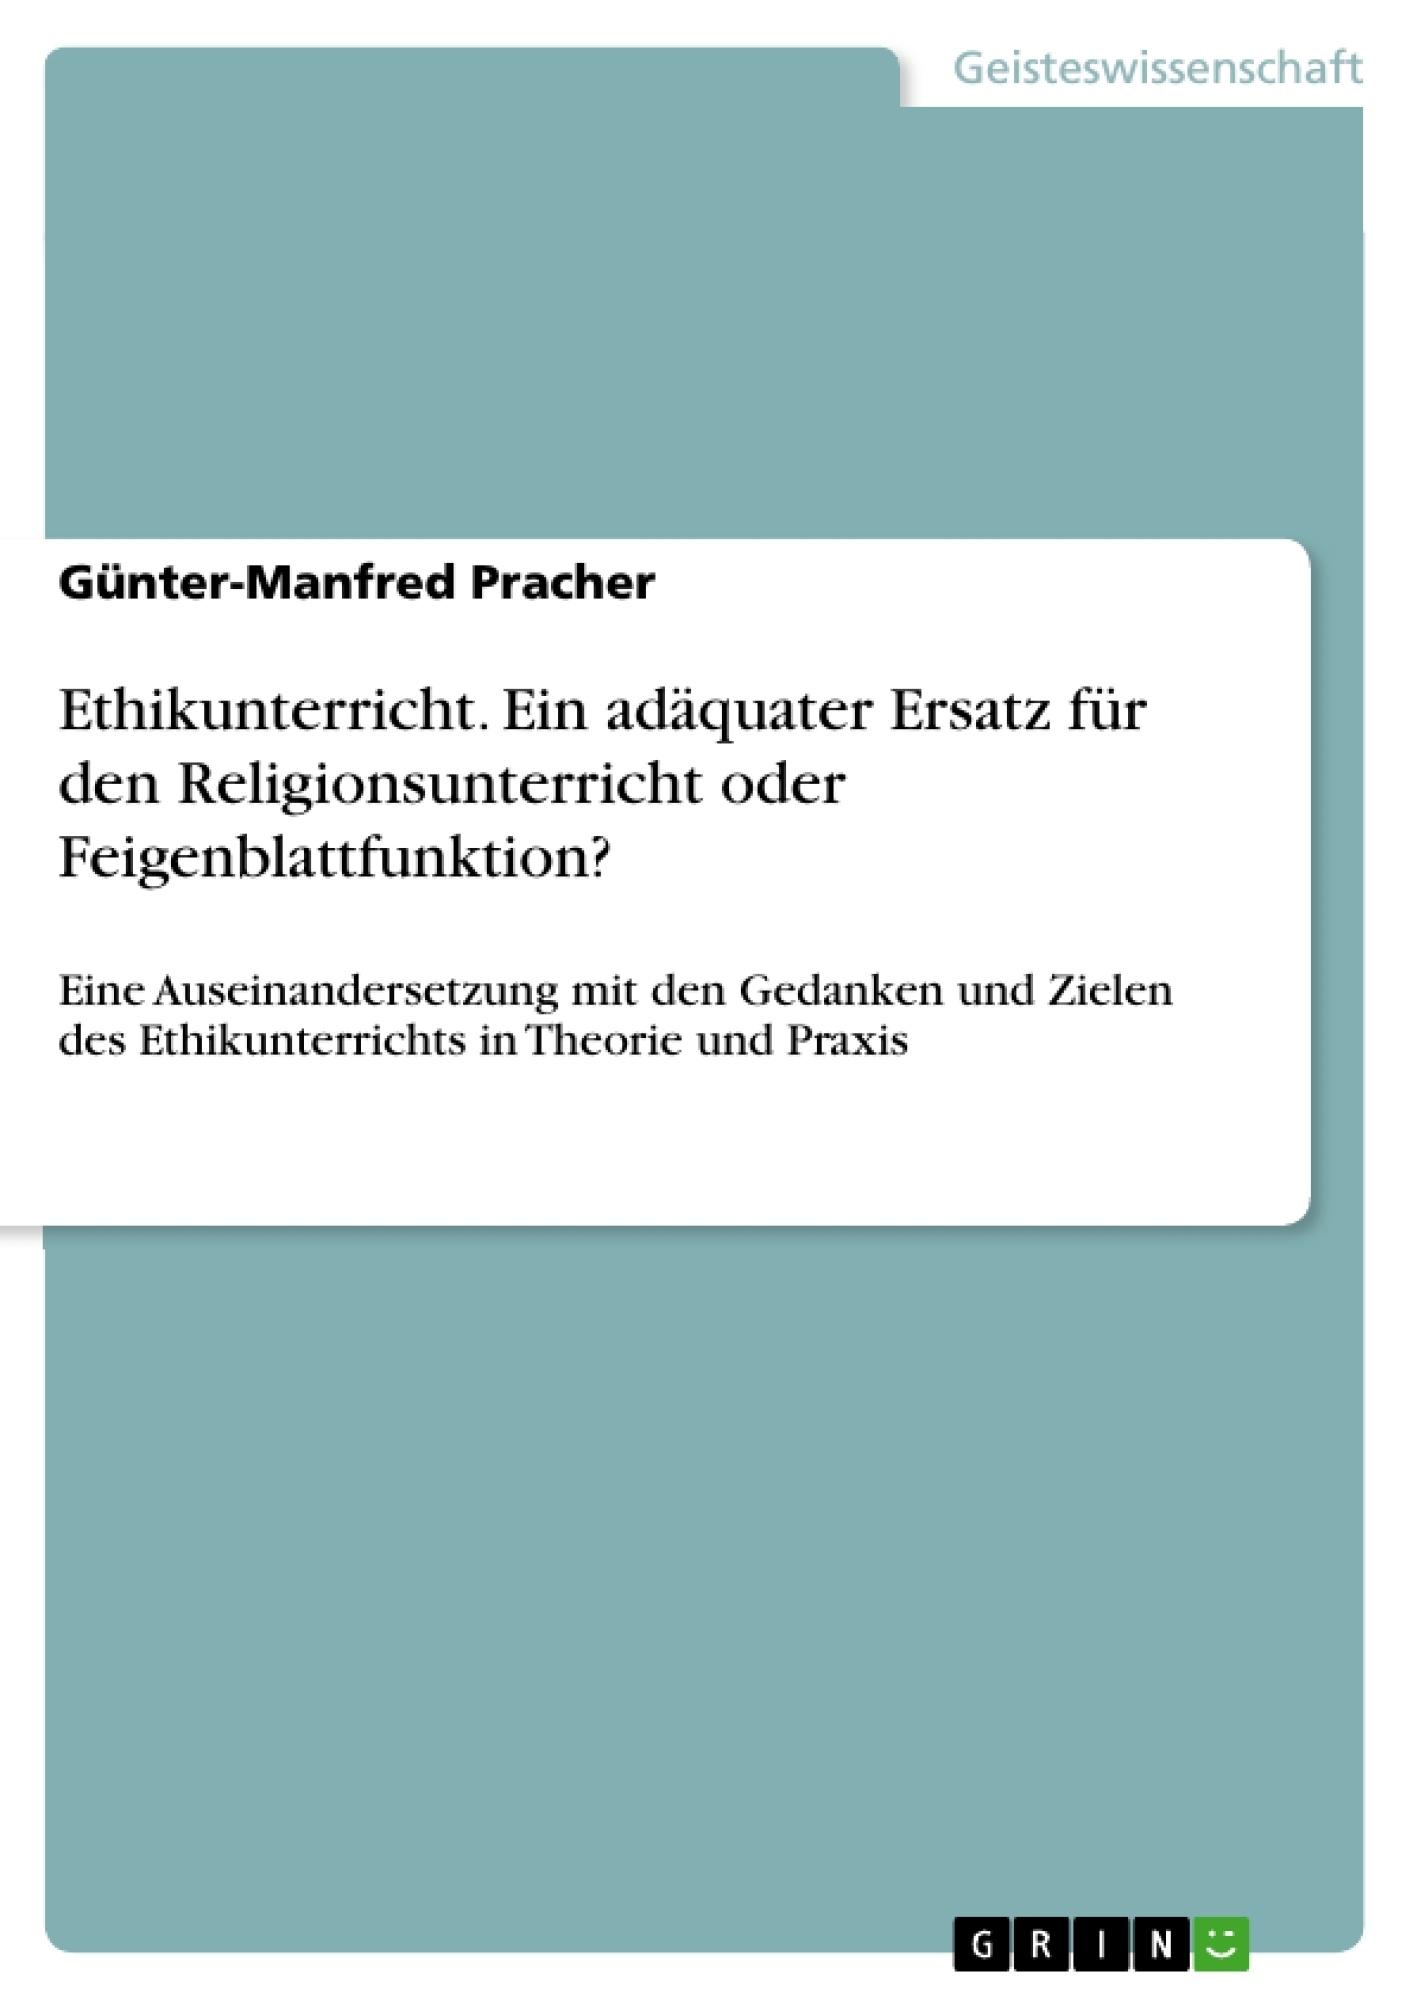 Titel: Ethikunterricht. Ein adäquater Ersatz für den Religionsunterricht oder Feigenblattfunktion?